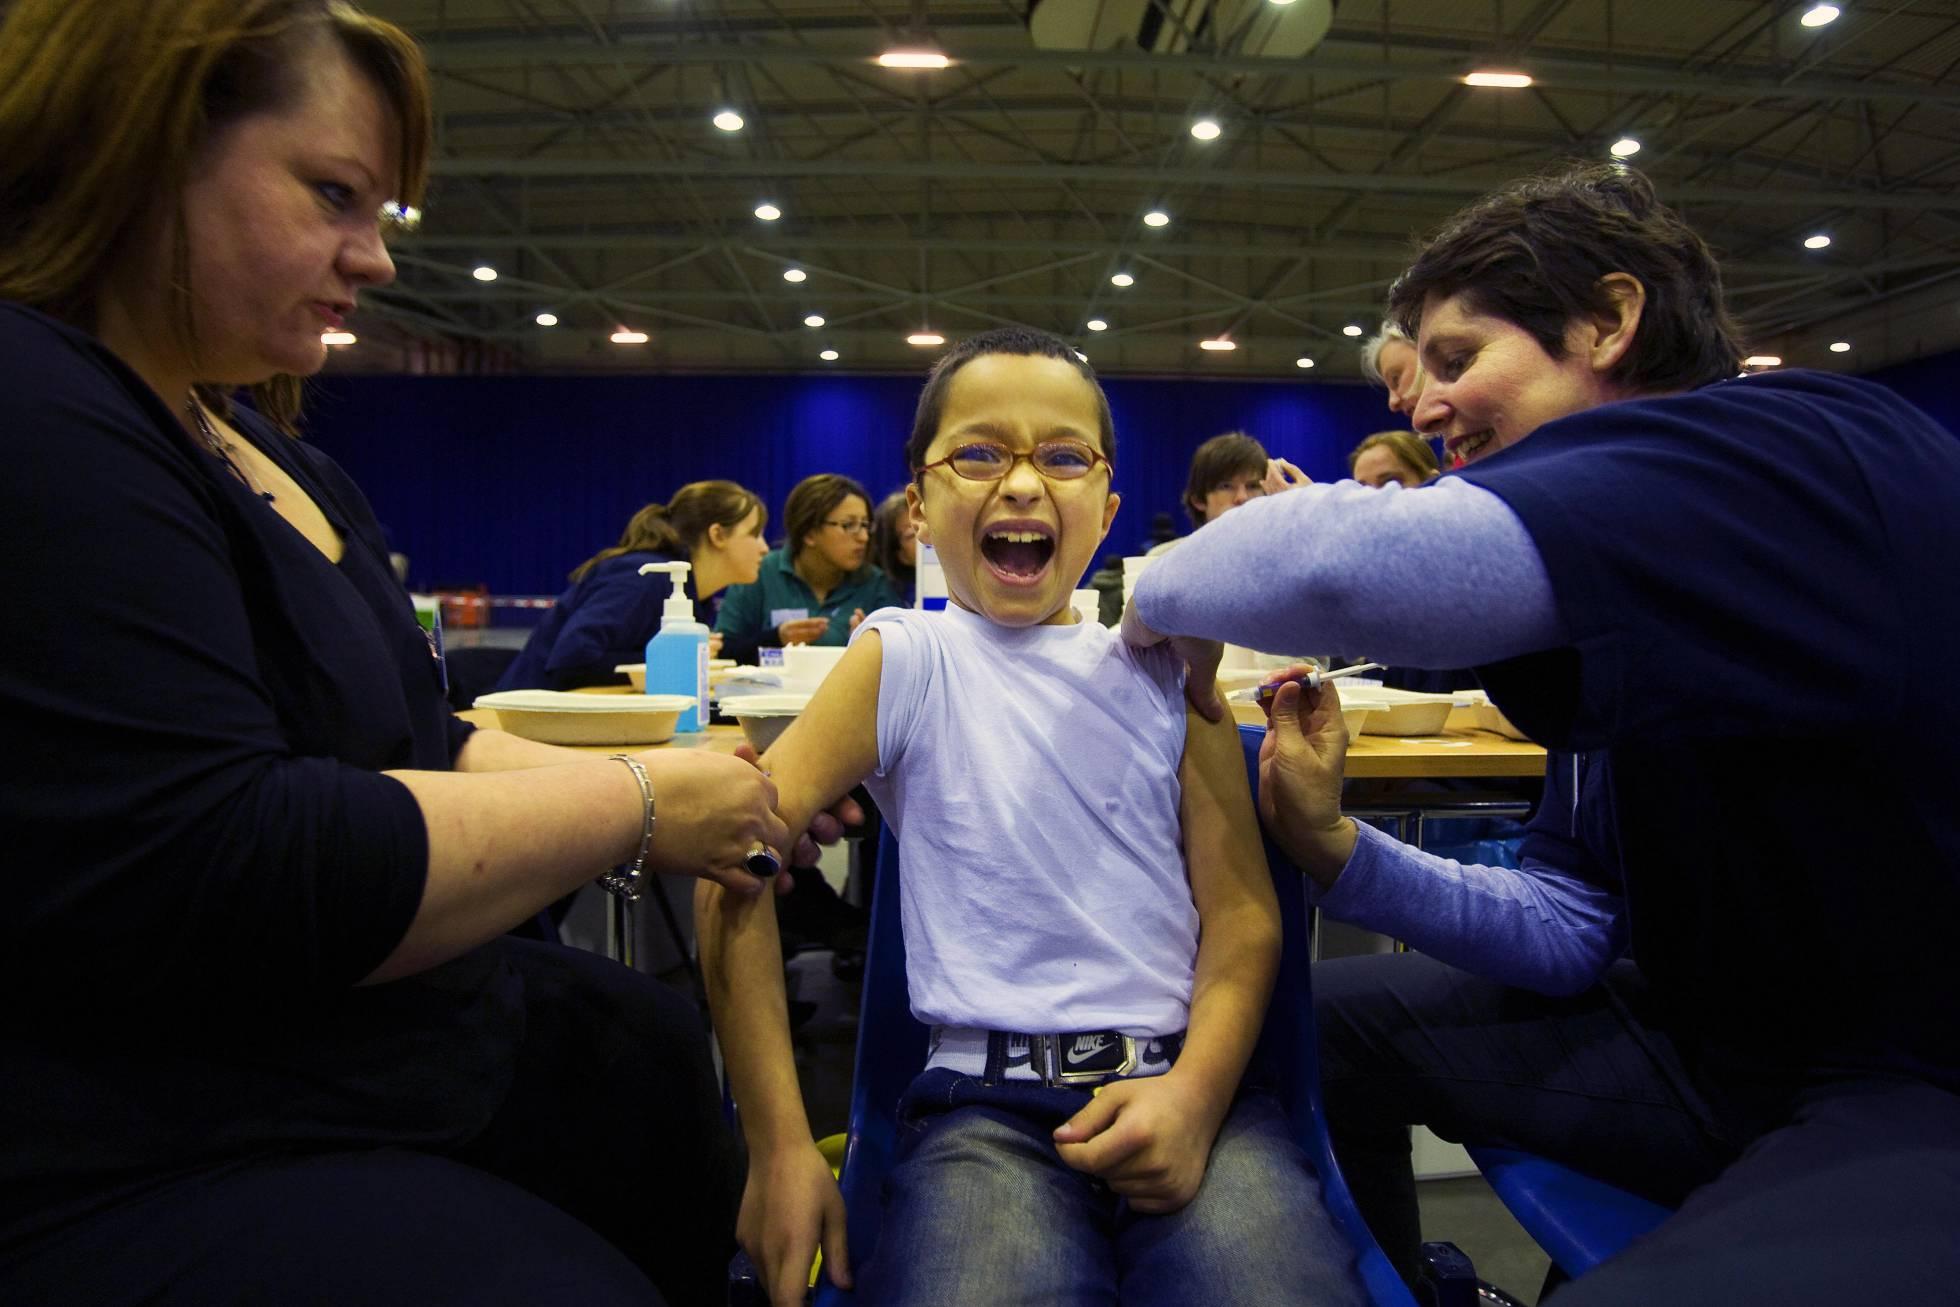 La OMS alerta del avance del sarampión al caer la cobertura vacunal